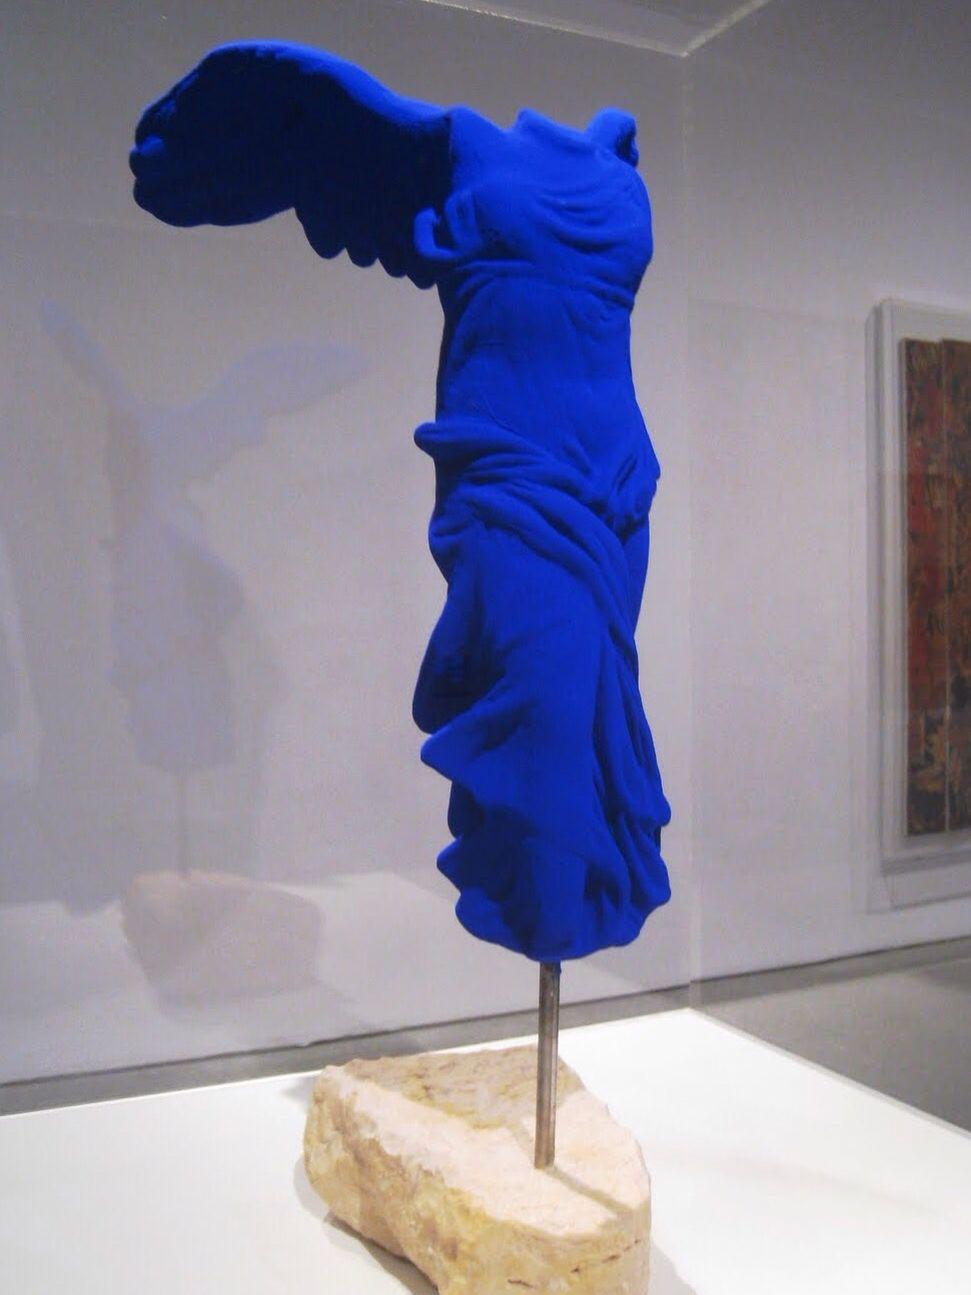 IKB (International Klein Blue), recentemente conhecida como Azul Klein é a designação da tonalidade de azulque Yves Klein obtinha com a mistura de uma determinada quantidade de pigmentos